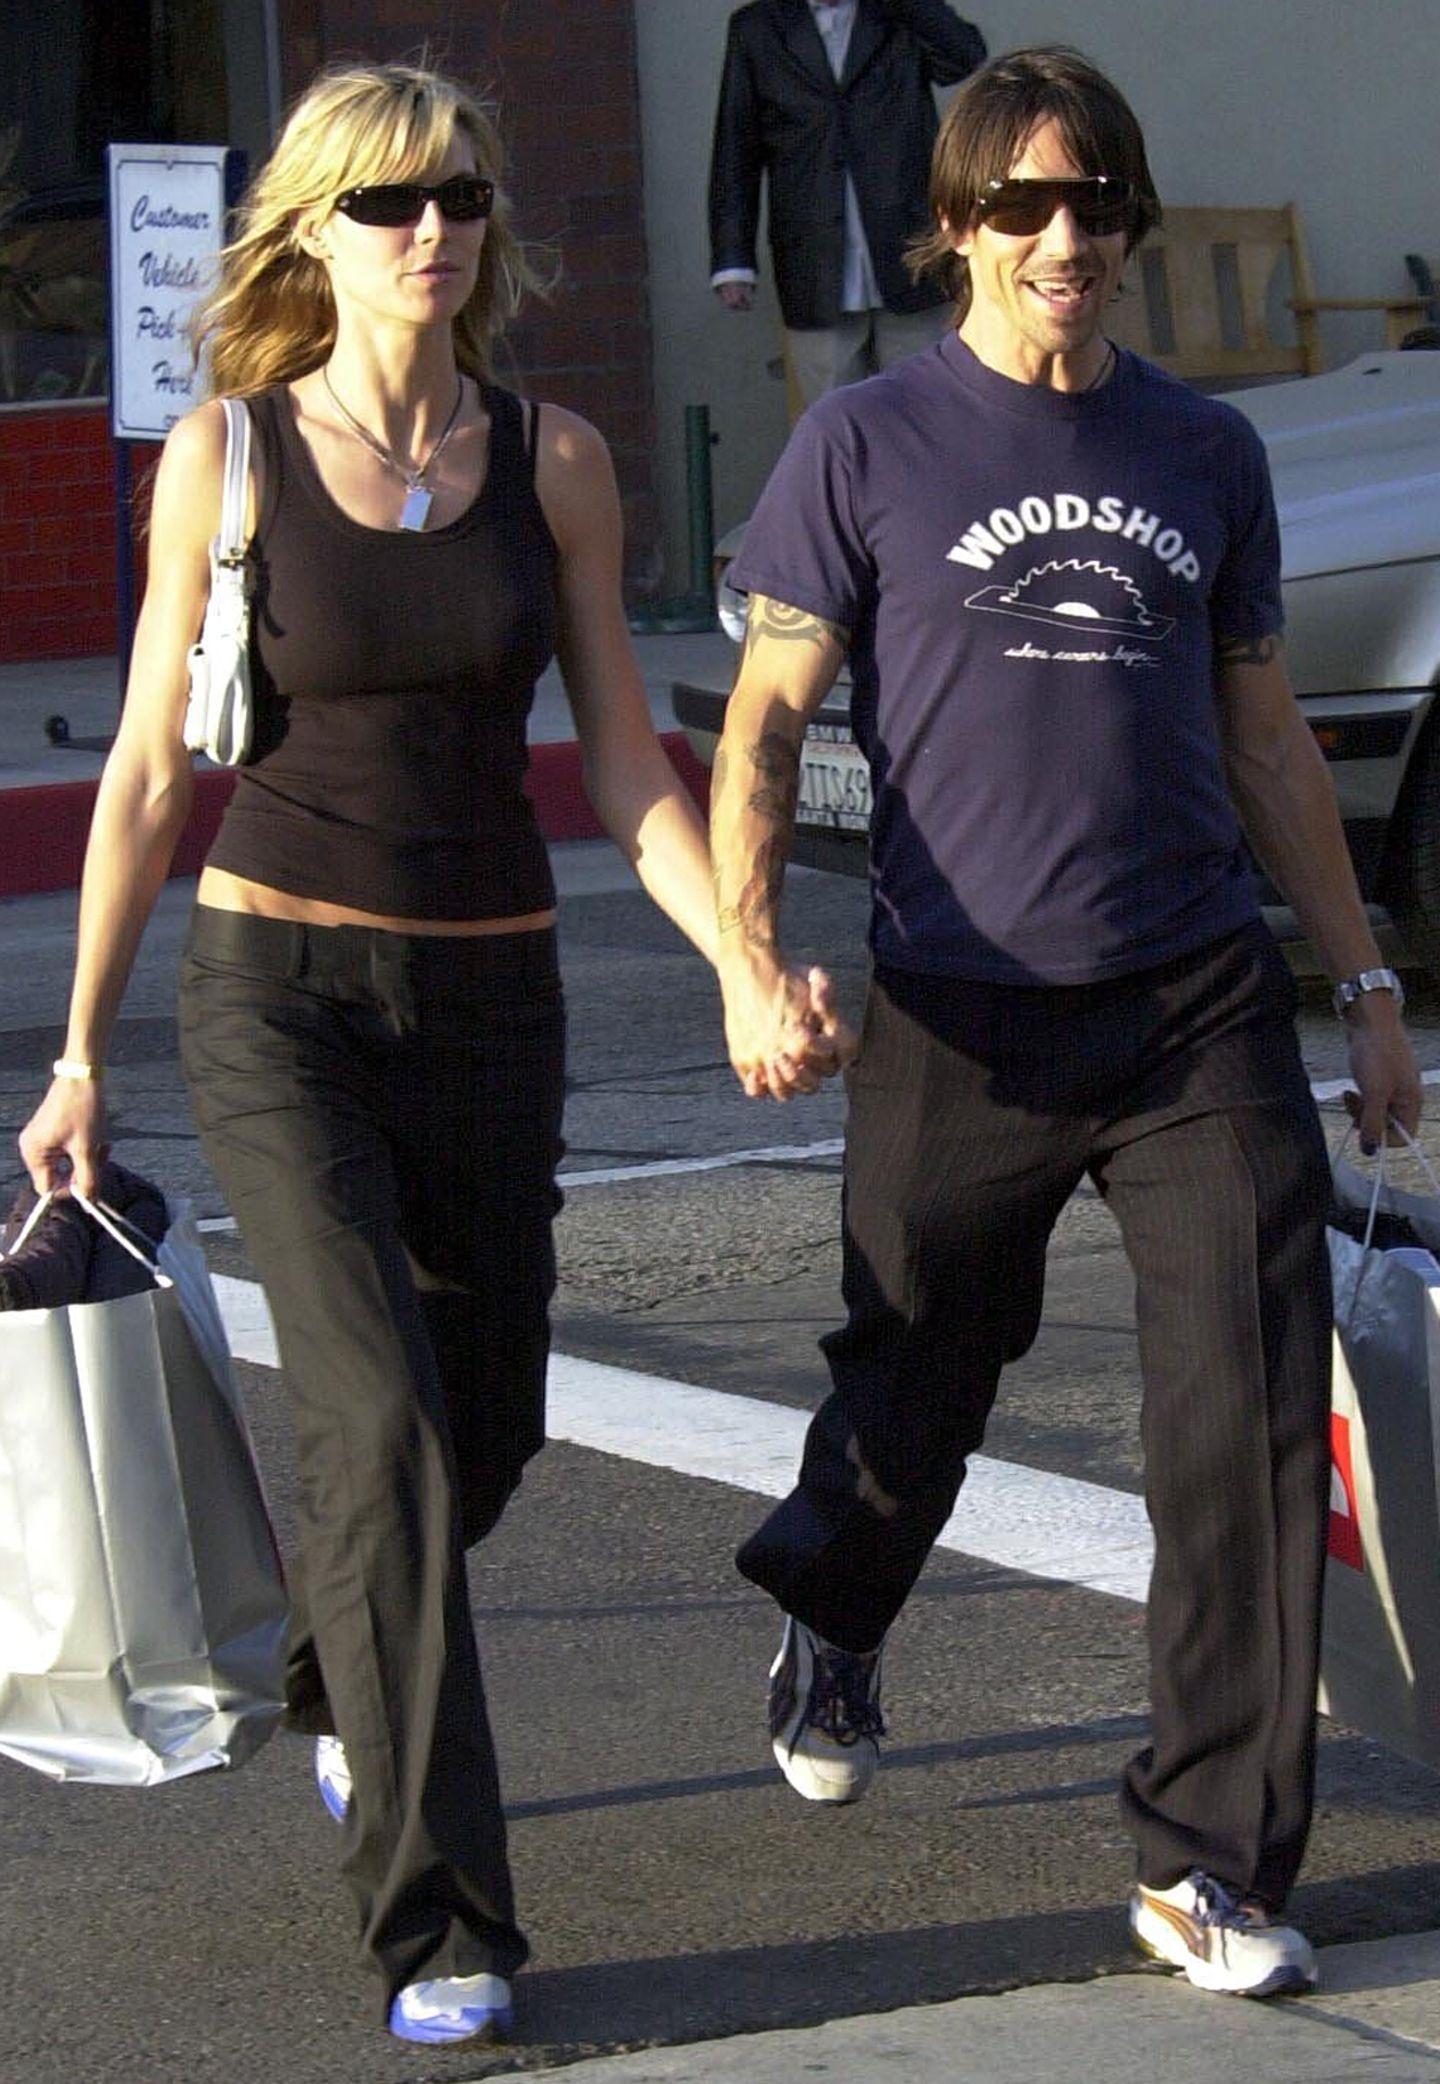 """Anthony Kiedis + Heidi Klum  Auch wenn der """"Red Hot Chili Peppers""""-Frontmann 2002 nur kurz mit Topmodel Heidi Klum lliert war, schwärmt Anthony Kiedis noch heute von ihr. Sie sei eine """"großartige, dynamische Person"""", so der Rocker. Sogar ihre Eltern Günther und Erna Klum habe er während ihrer kurzen Beziehung kennengelernt."""